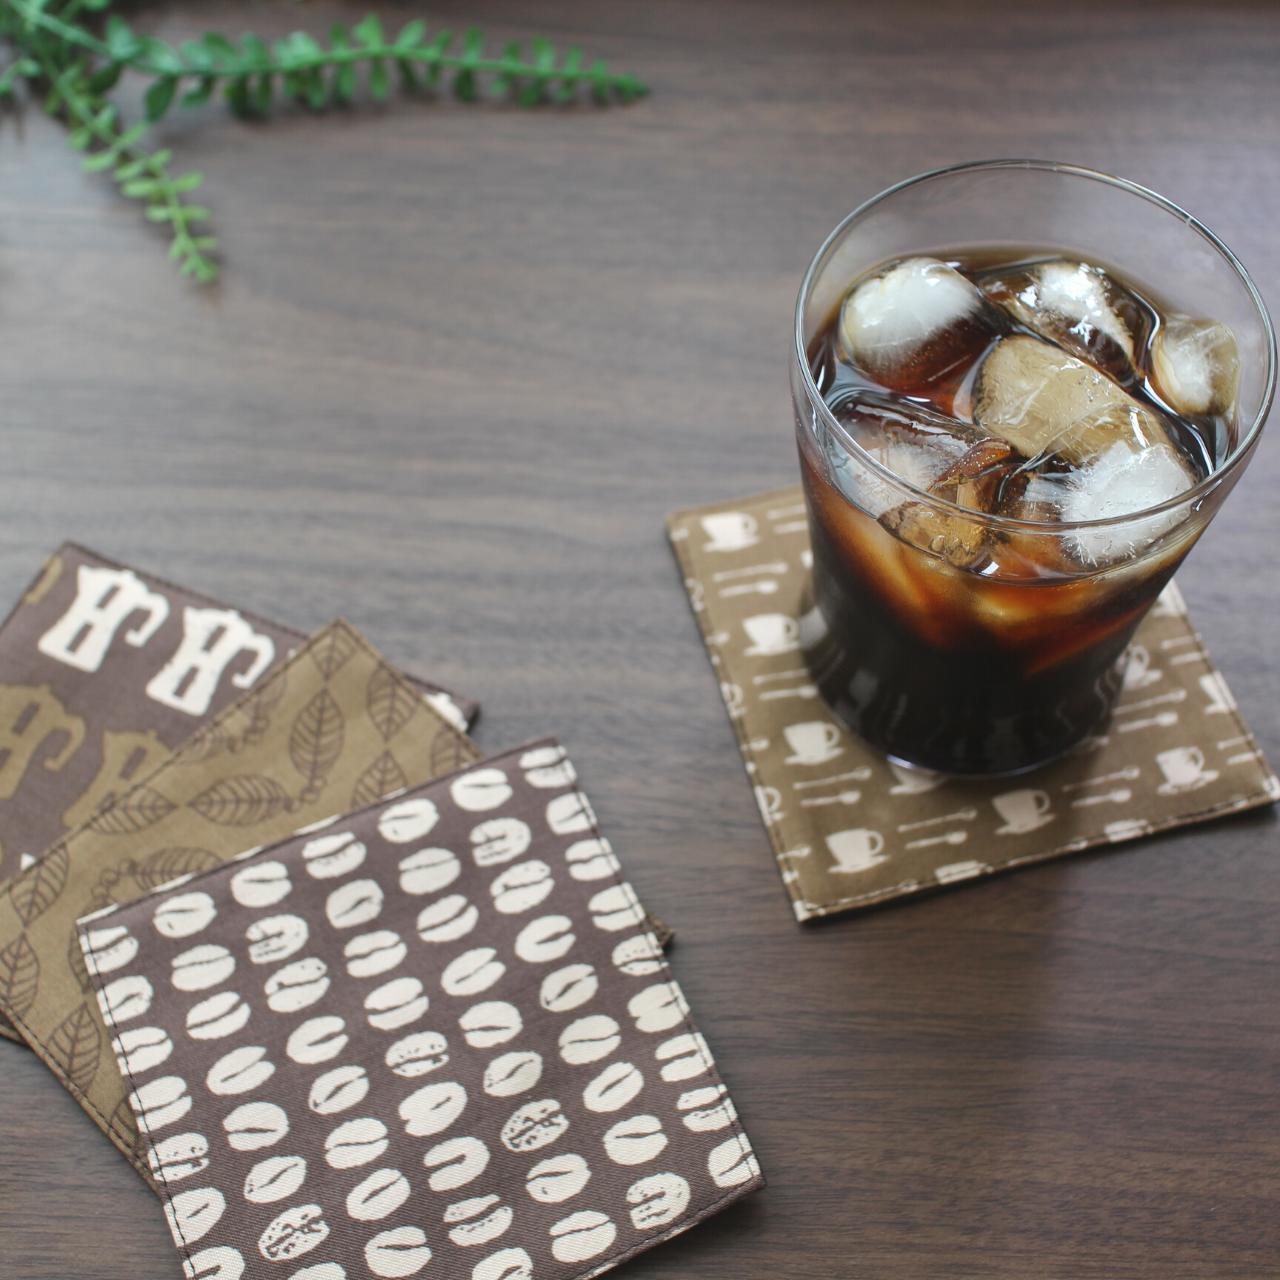 【再入荷】コースター4枚セット・コーヒー柄